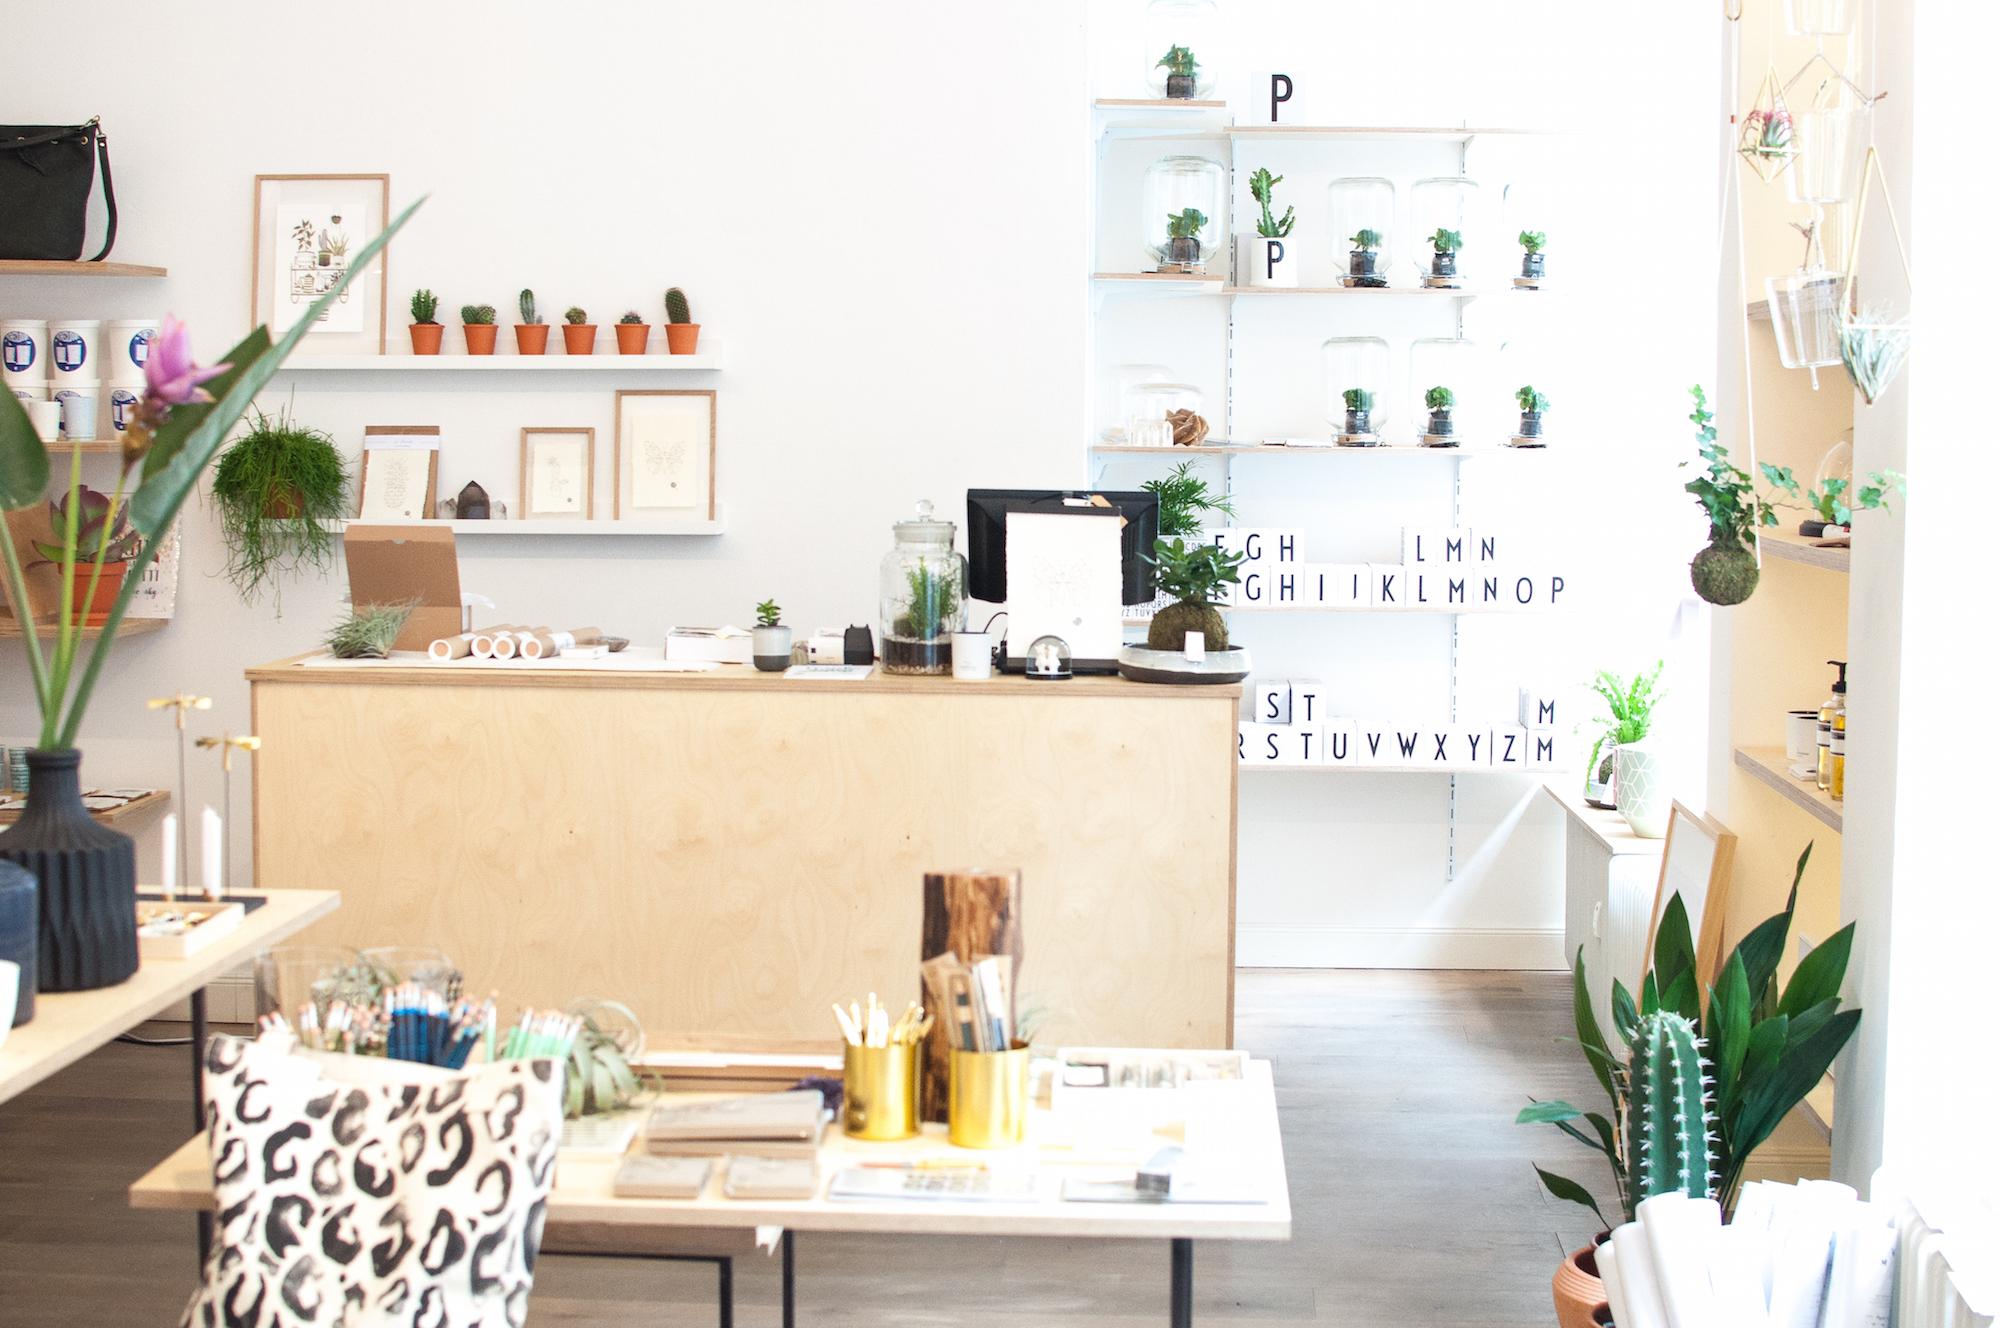 https://fraeuleinanker.de/wp-content/uploads/2016/10/Winkel-van-Sinkel-Hamburg-Wexstra%C3%9Fe-Neustadt-Concept-Store-urbnjungle-0.jpg